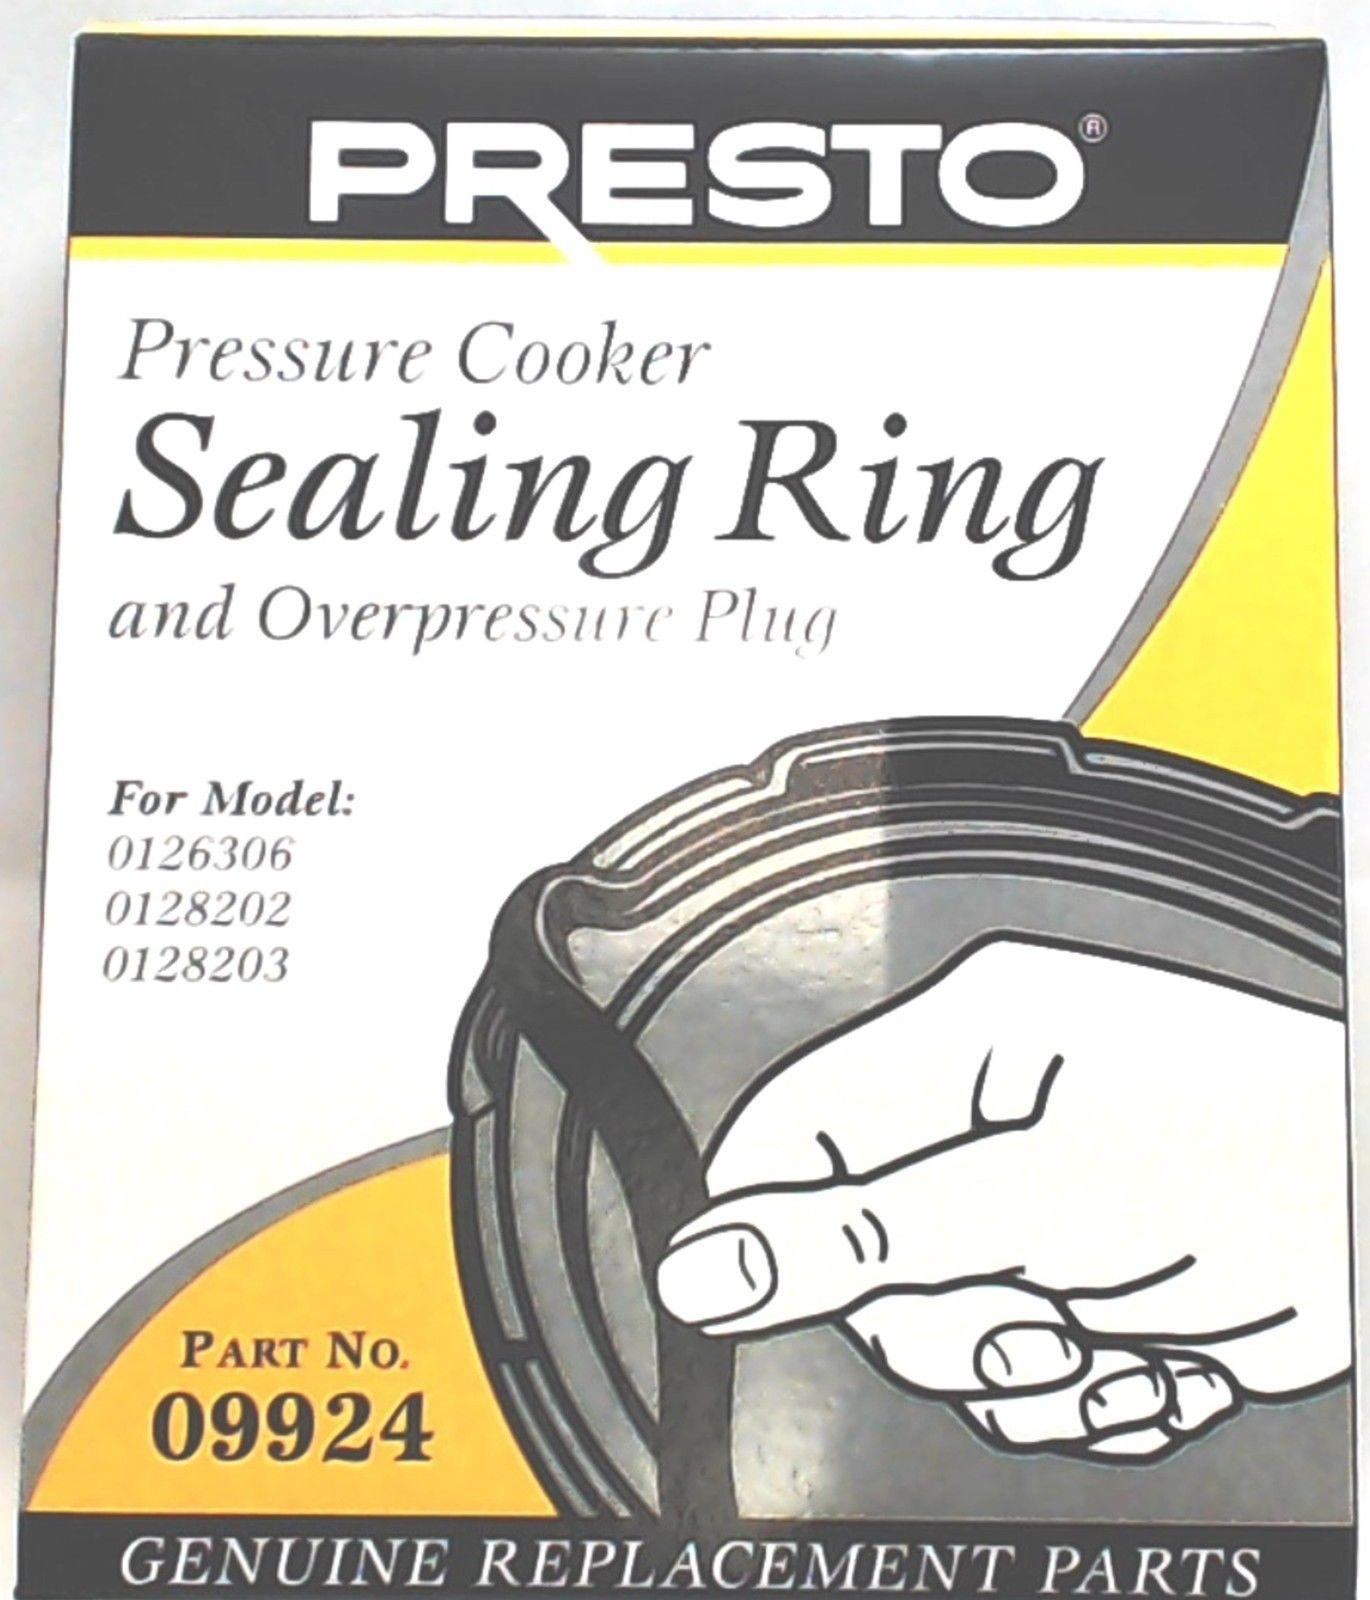 09901 Pressure Cooker Sealing Ring Gasket For 6 Qt Fits Presto 106 Models